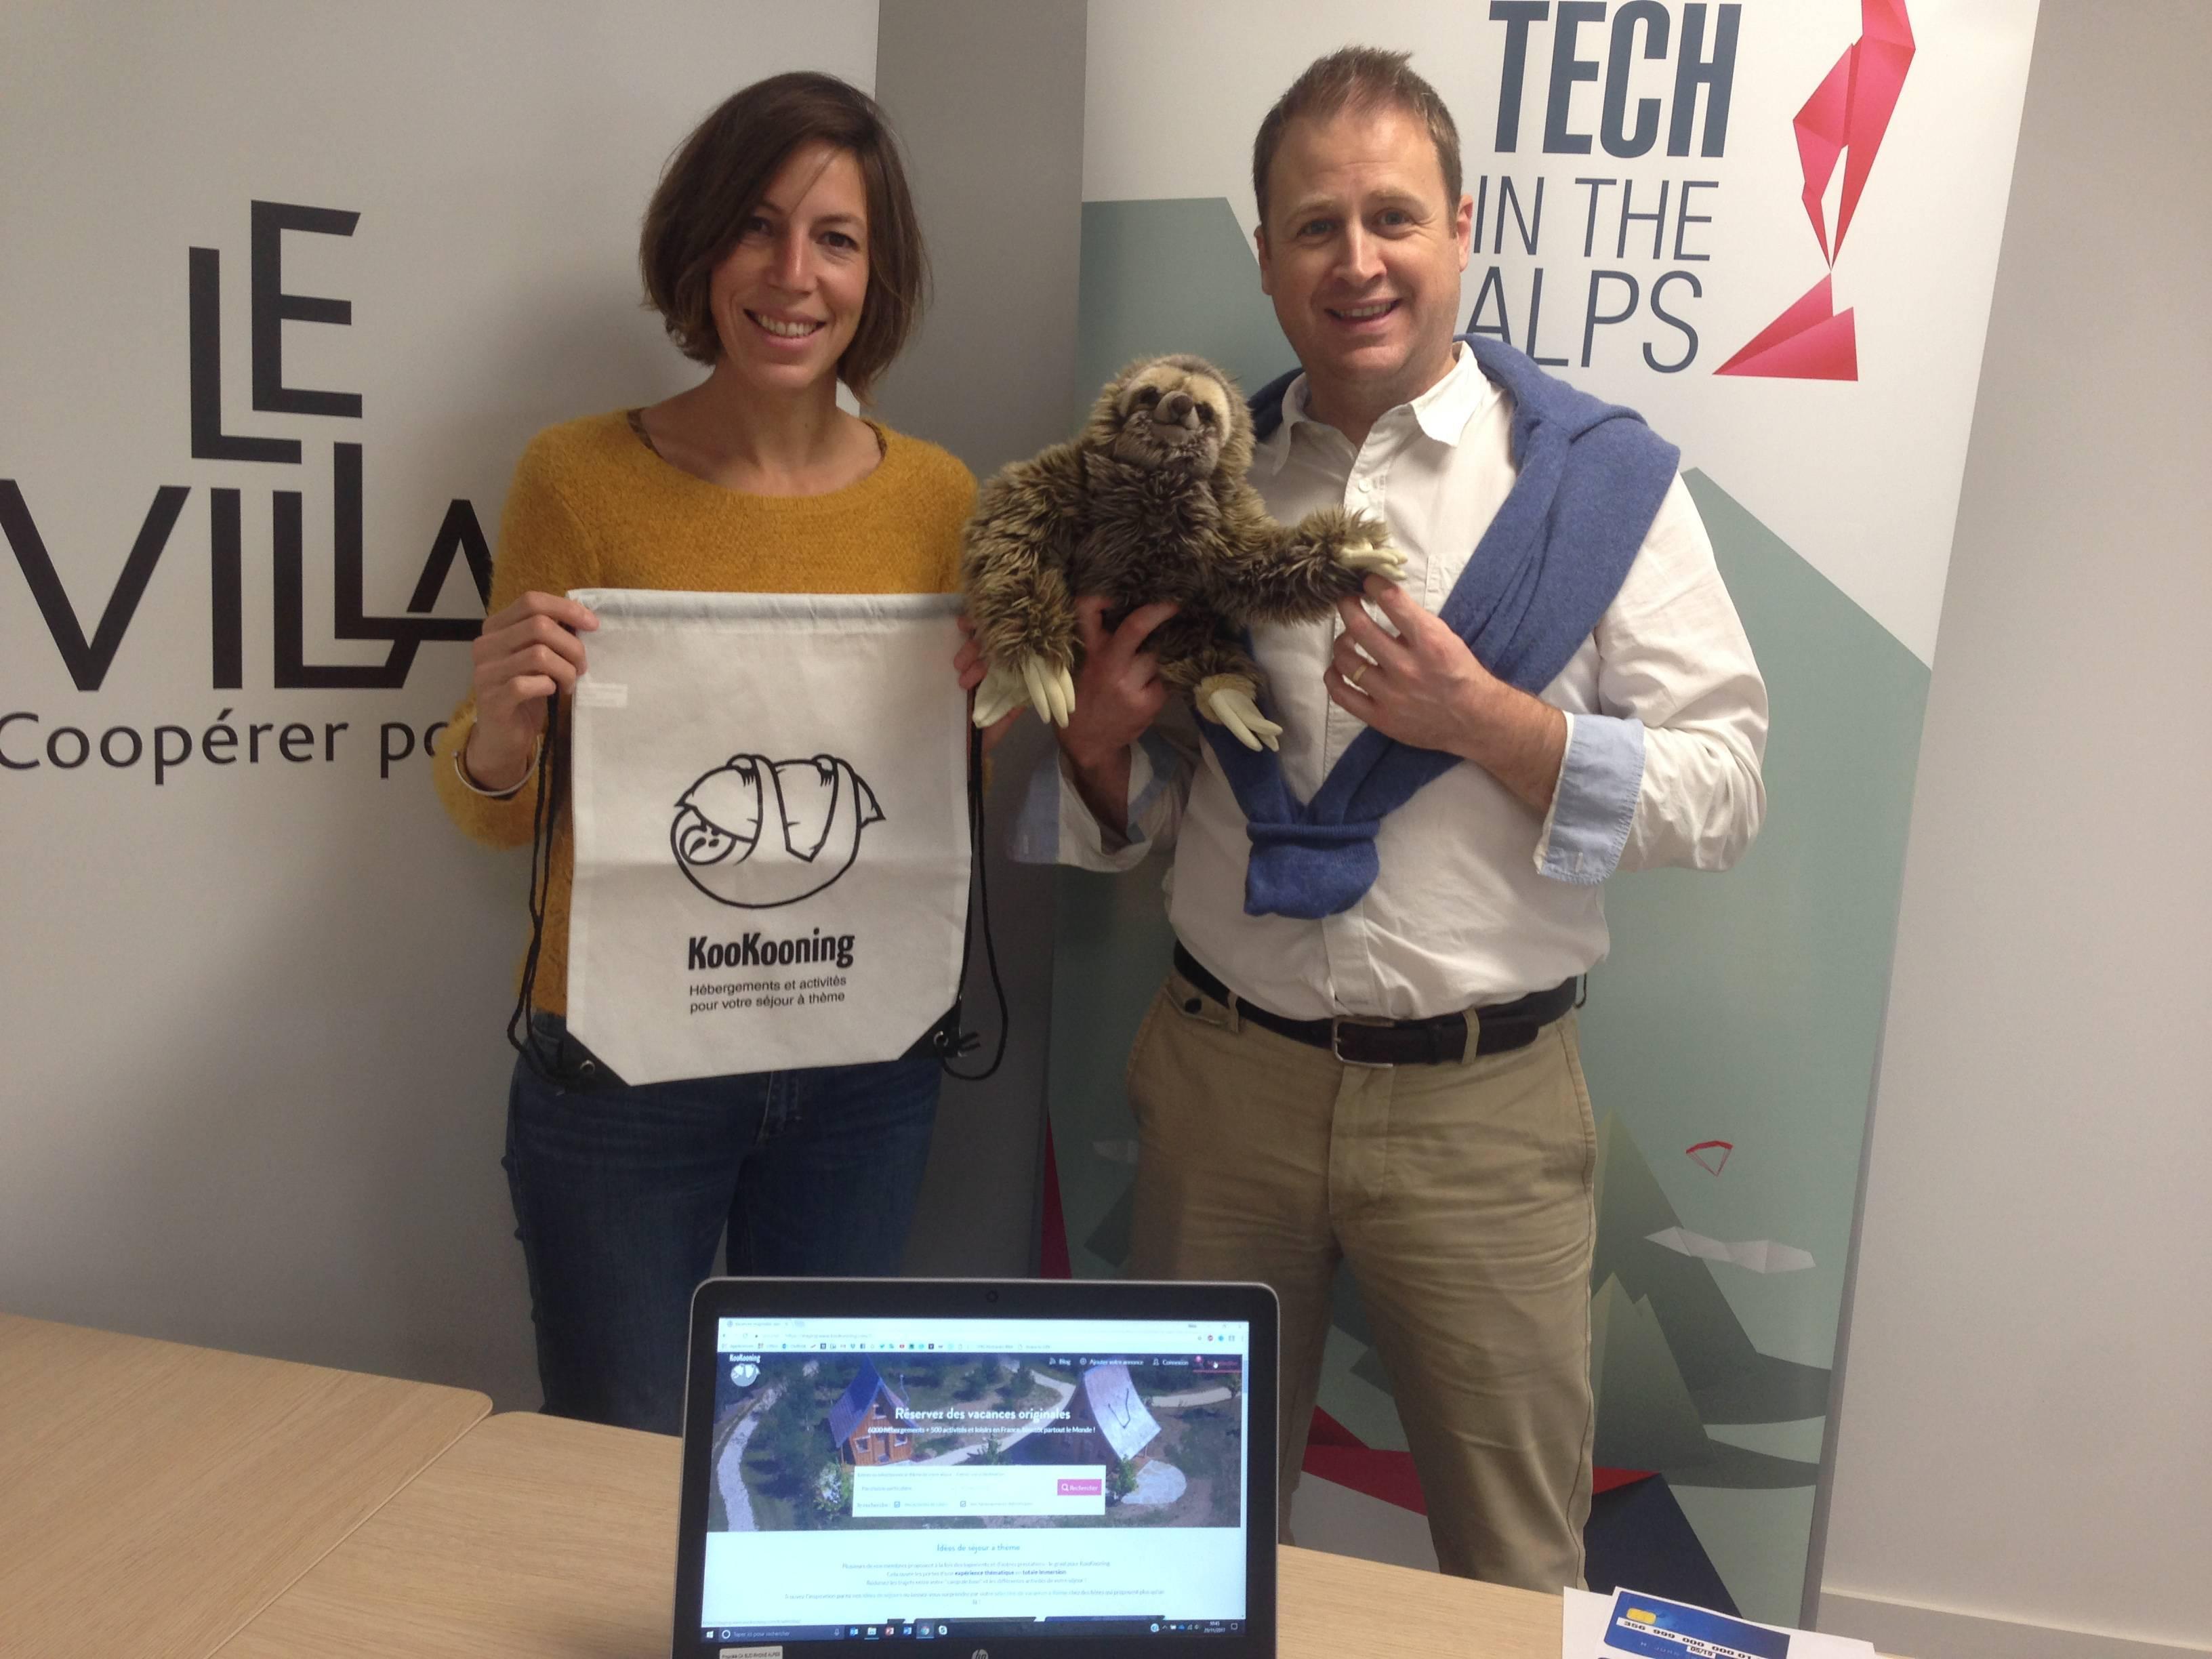 La première participante, Pedro notre mascotte, et Sébastien lors du beta test de KooKooning. L'événement était organisé par le village by CA SRA et la French tech in the Alps Grenoble au moulin digital de Rovaltain.